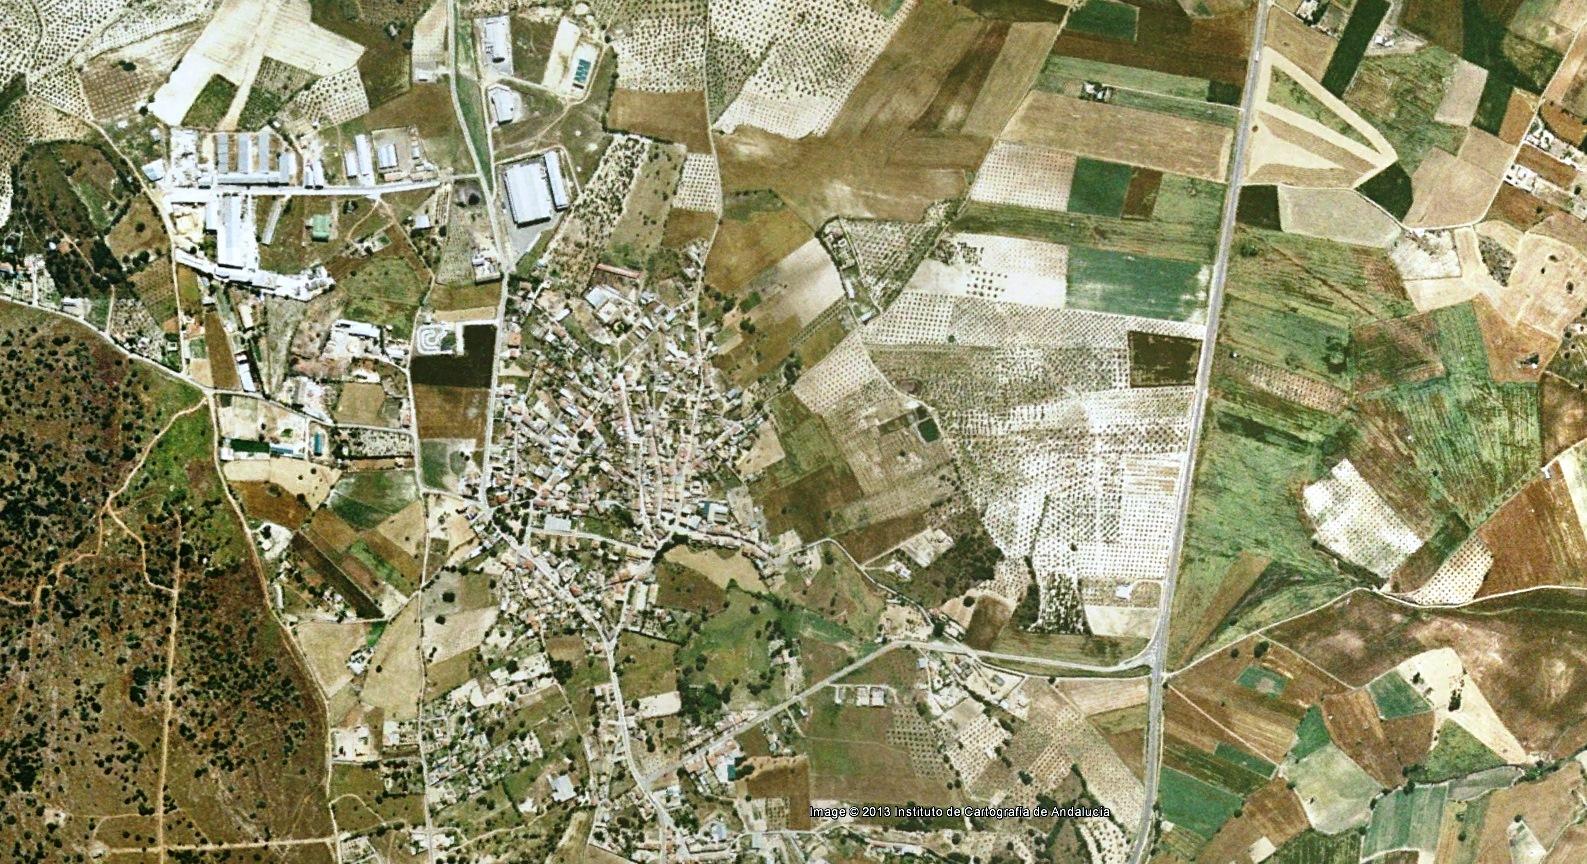 antes, urbanismo, foto aérea, desastre, urbanístico, planeamiento, urbano, construcción, Santa Ana, Jaén